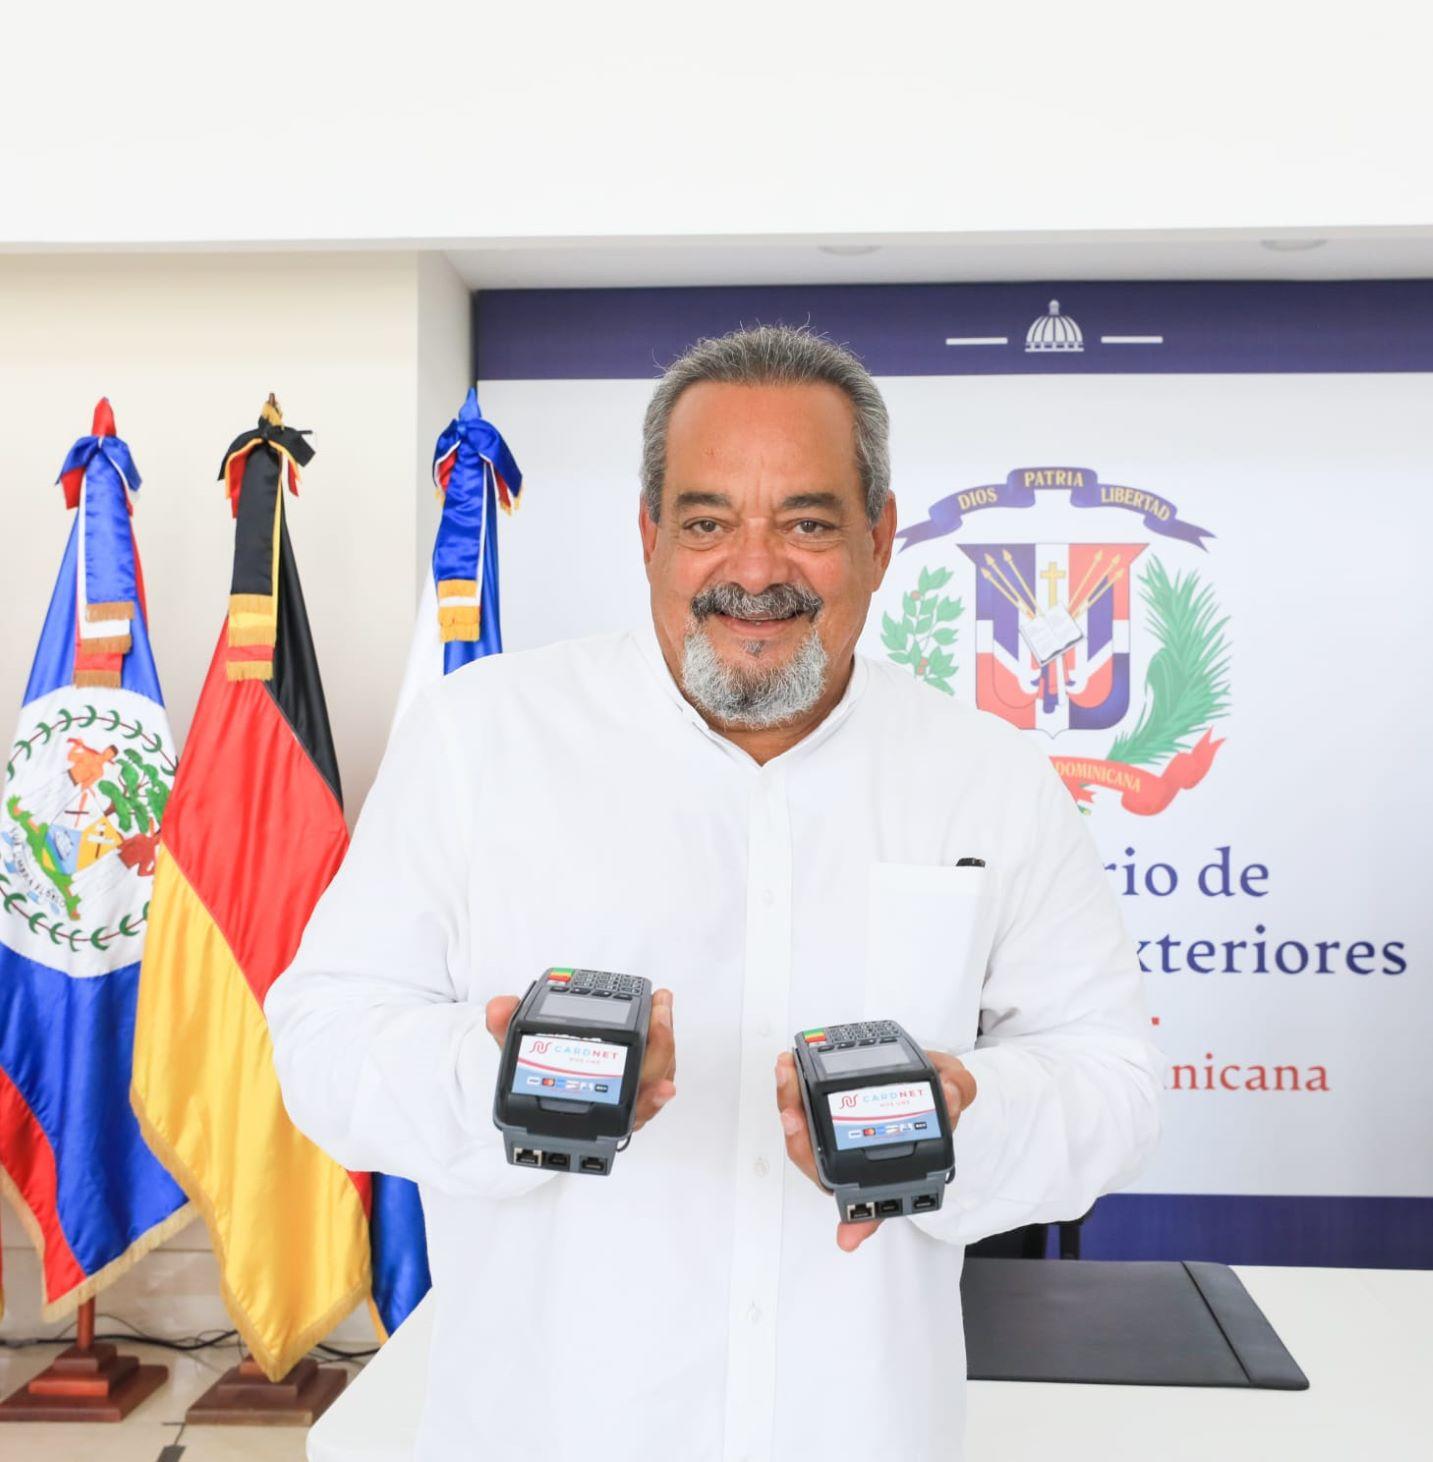 Alfonso Rodríguez recibió los dispositivos para la gestión de cobro por los servicios en el consulado de Los Ángeles.